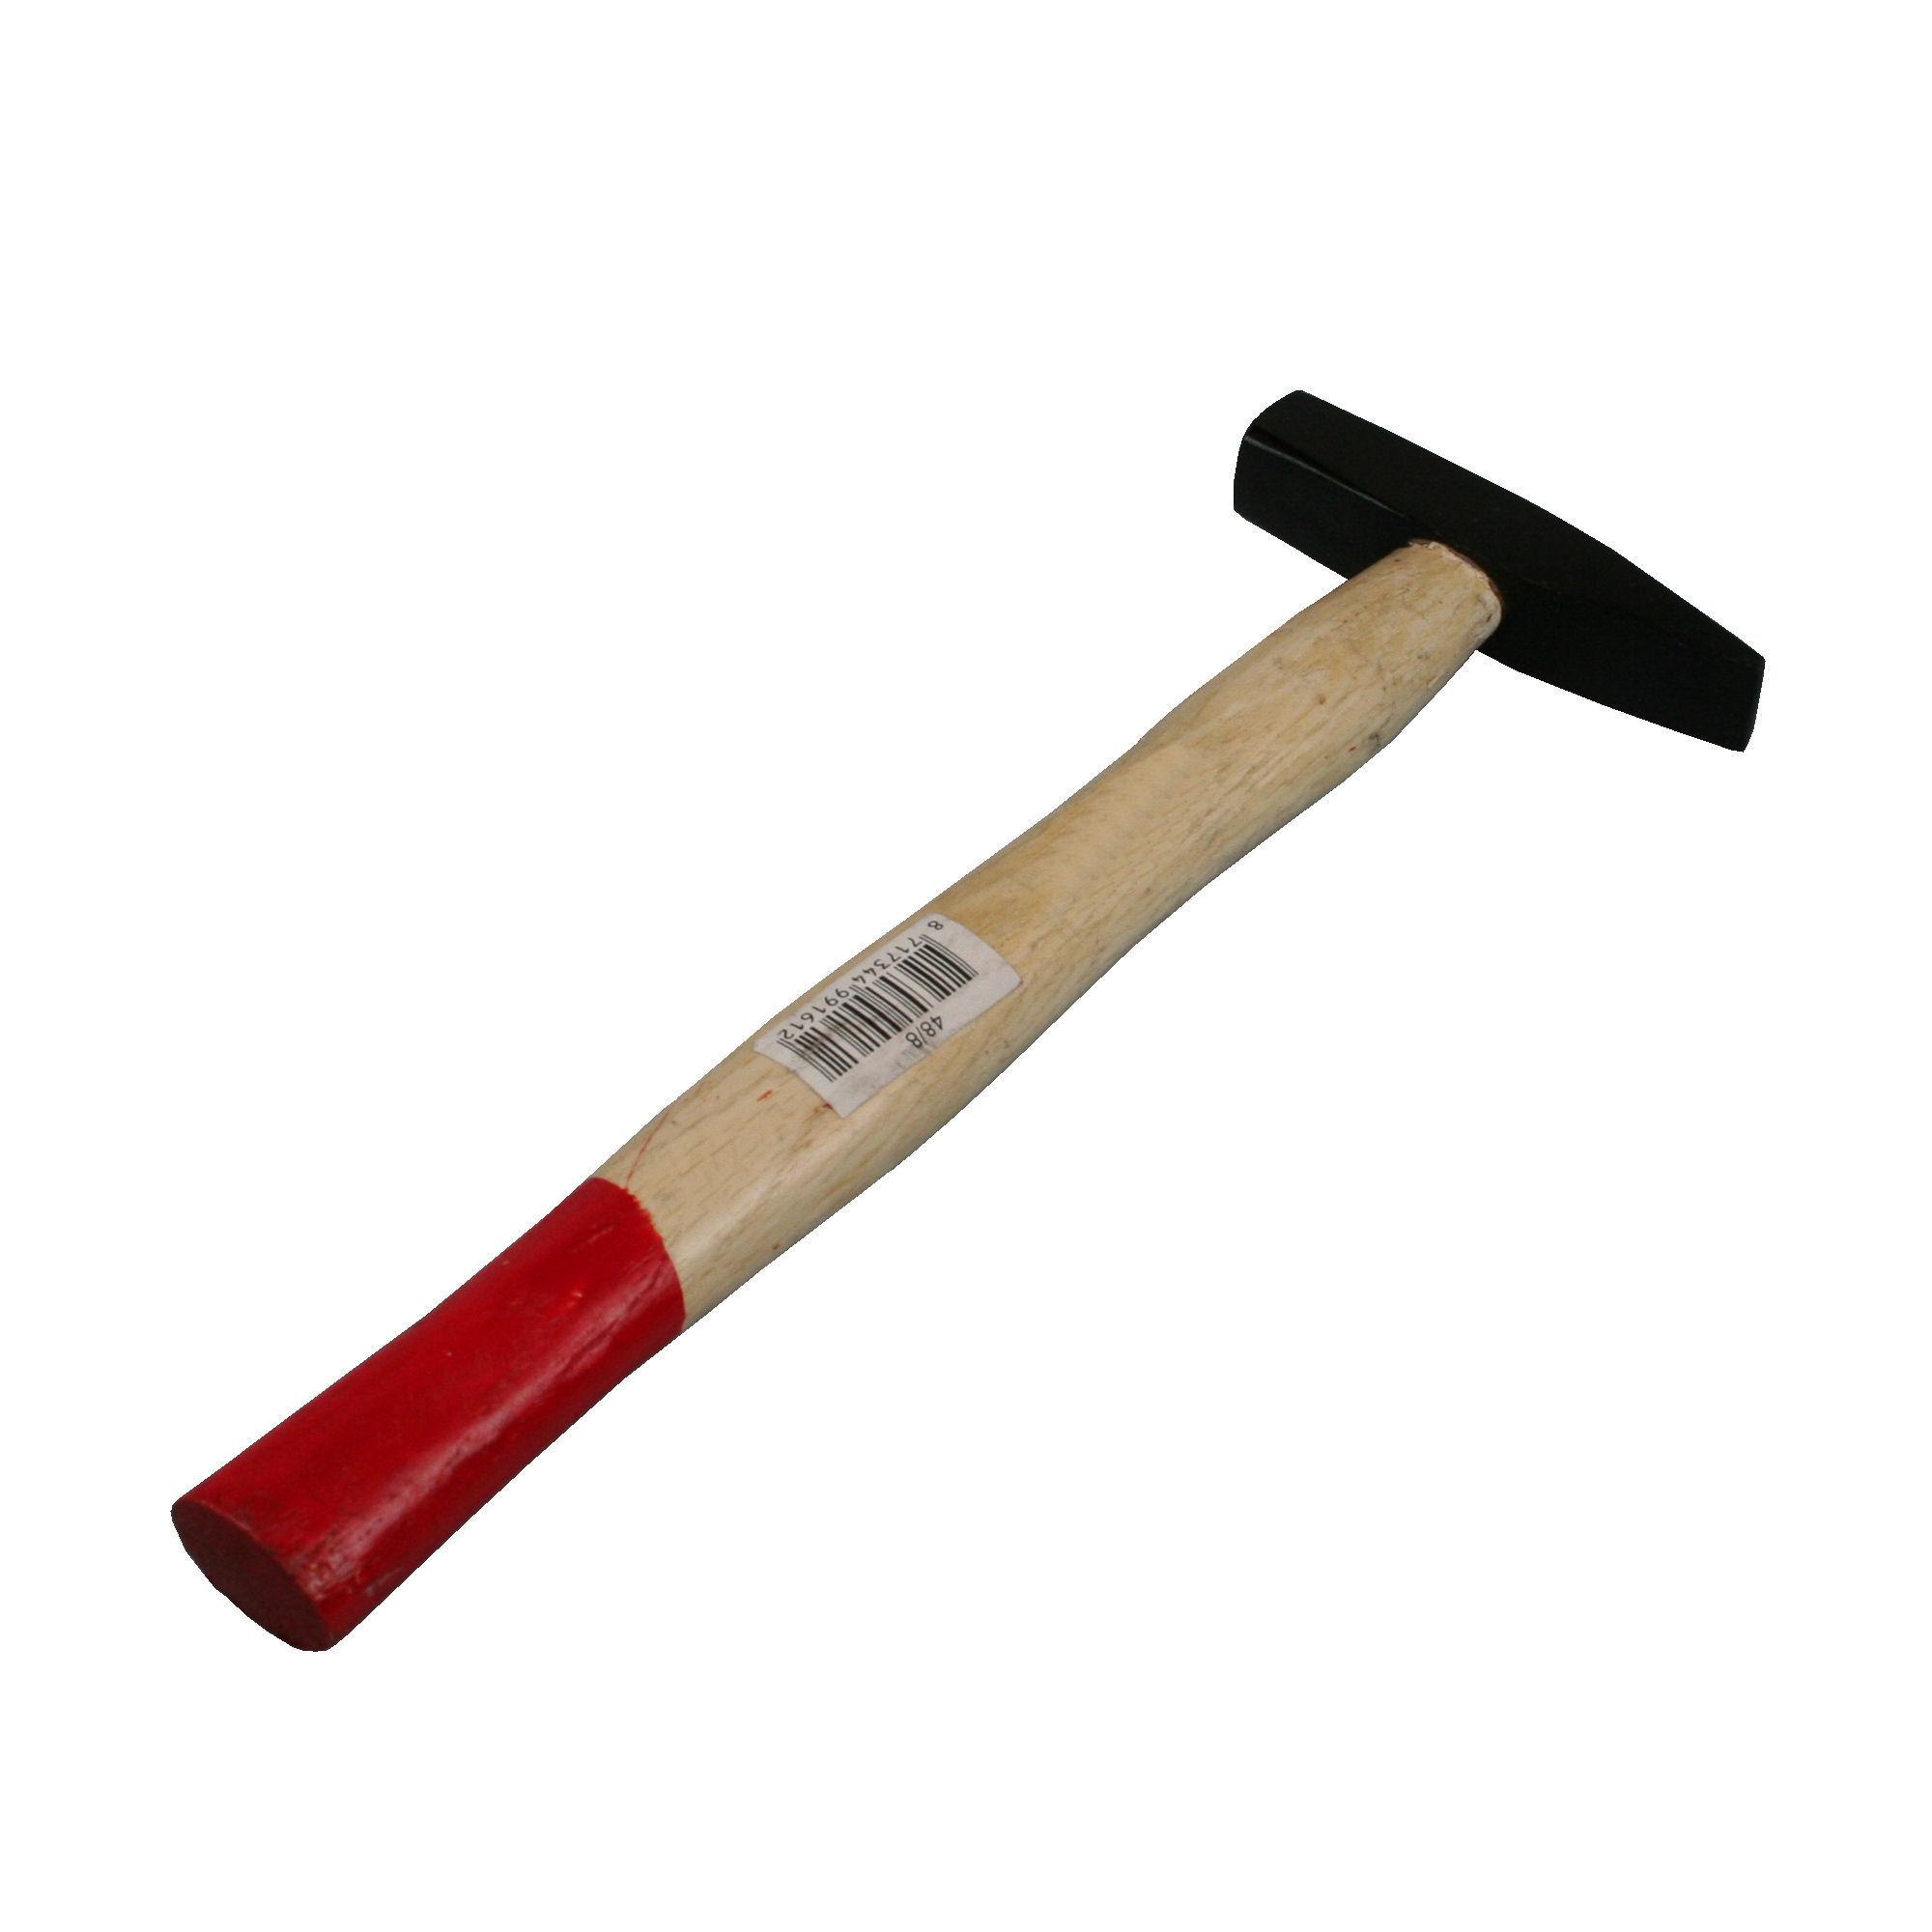 Bankhamer hamer 30 cm met houten steel 300 gram